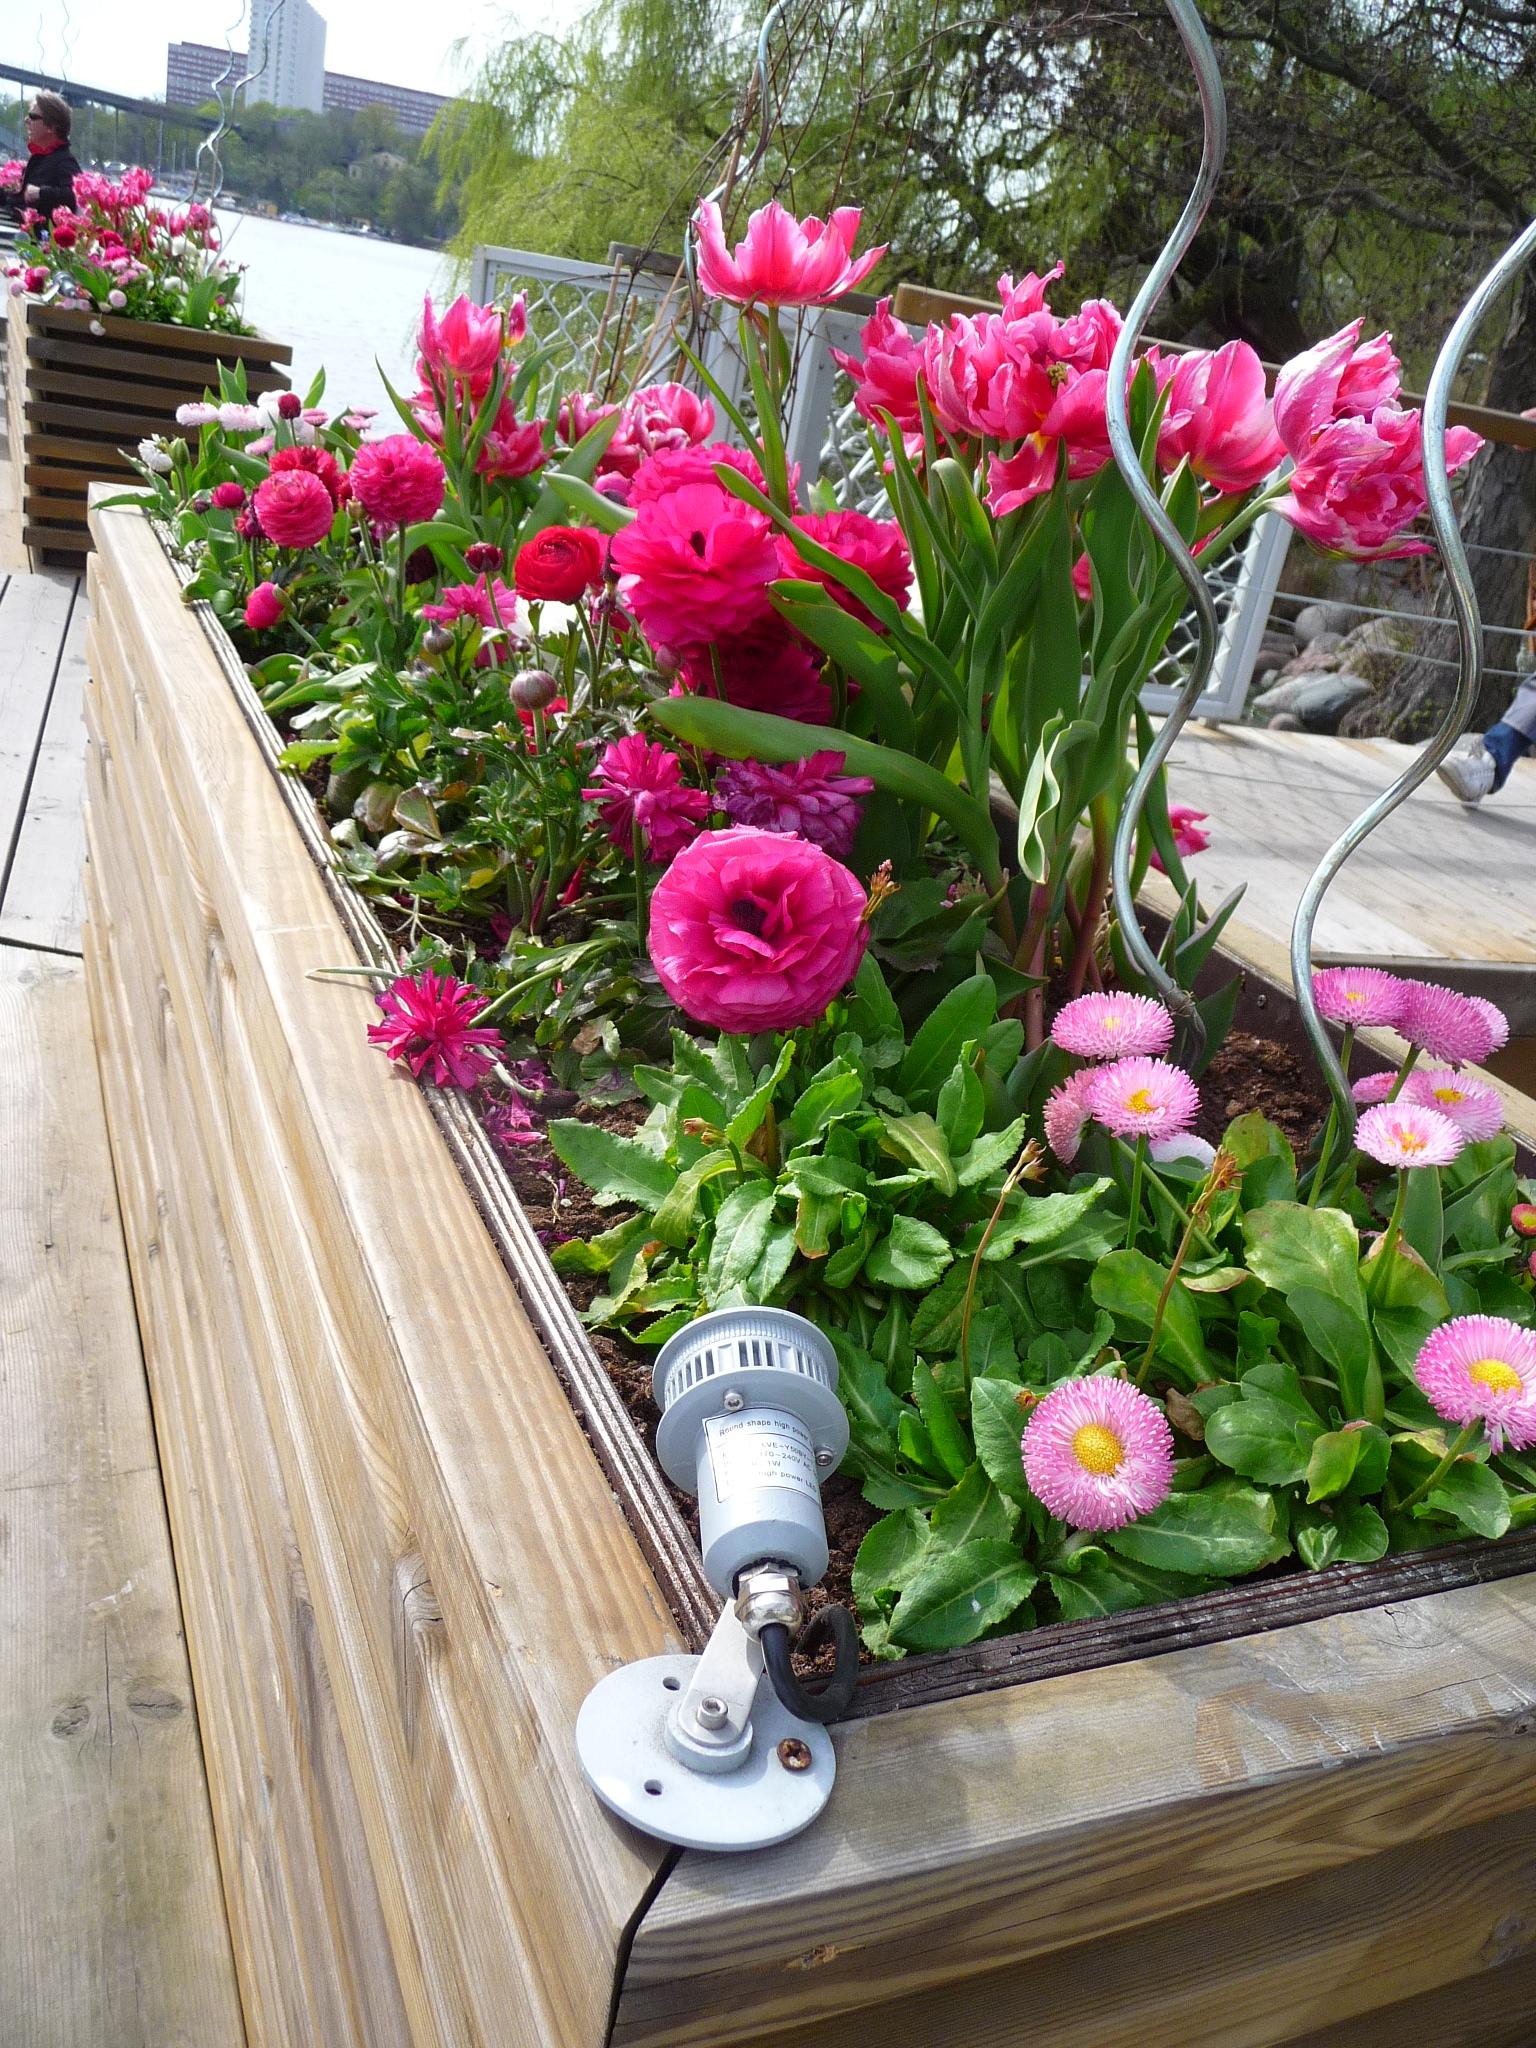 Ранункулюсы отлично дополнят цветочную композицию в деревянных клумбах и смогут украсить любой ландшафт